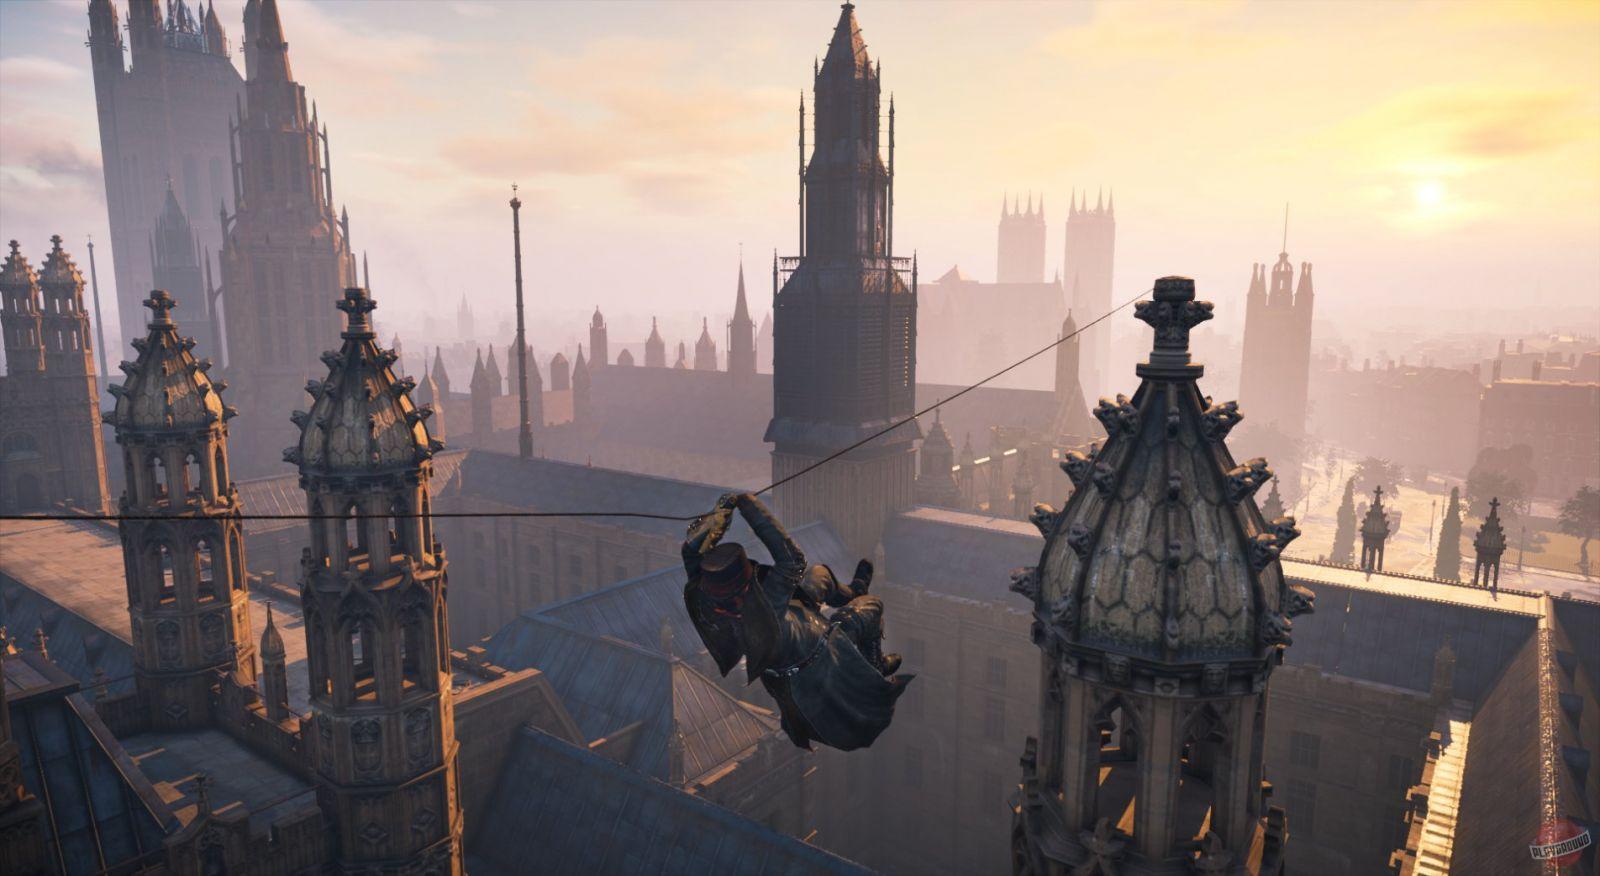 Компания Epic Games бесплатно разадаст копии игры Assassin's Creed Syndicate (assassins creed syndicate)